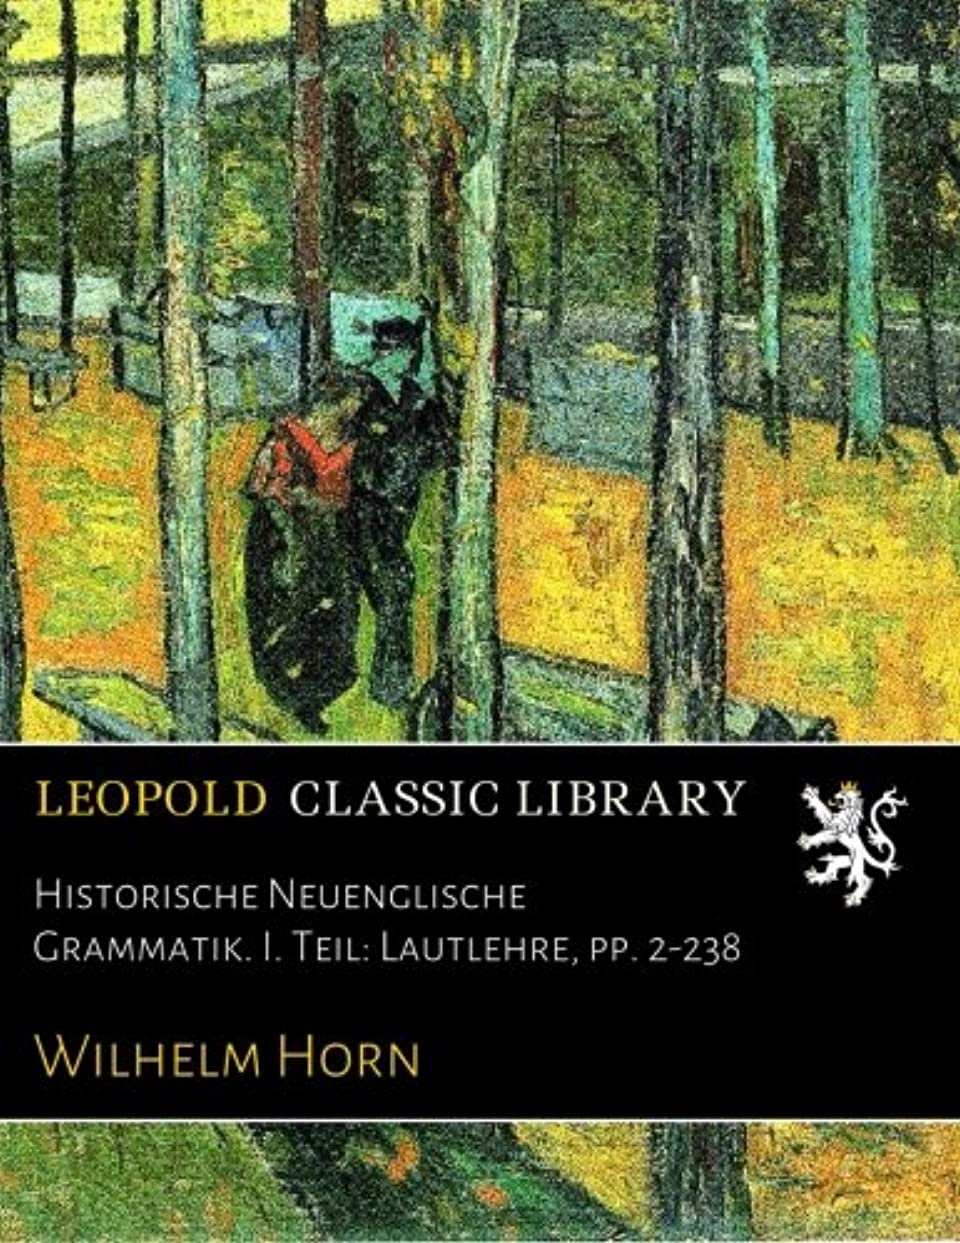 ペンダント住所タイムリーなHistorische Neuenglische Grammatik. I. Teil: Lautlehre, pp. 2-238